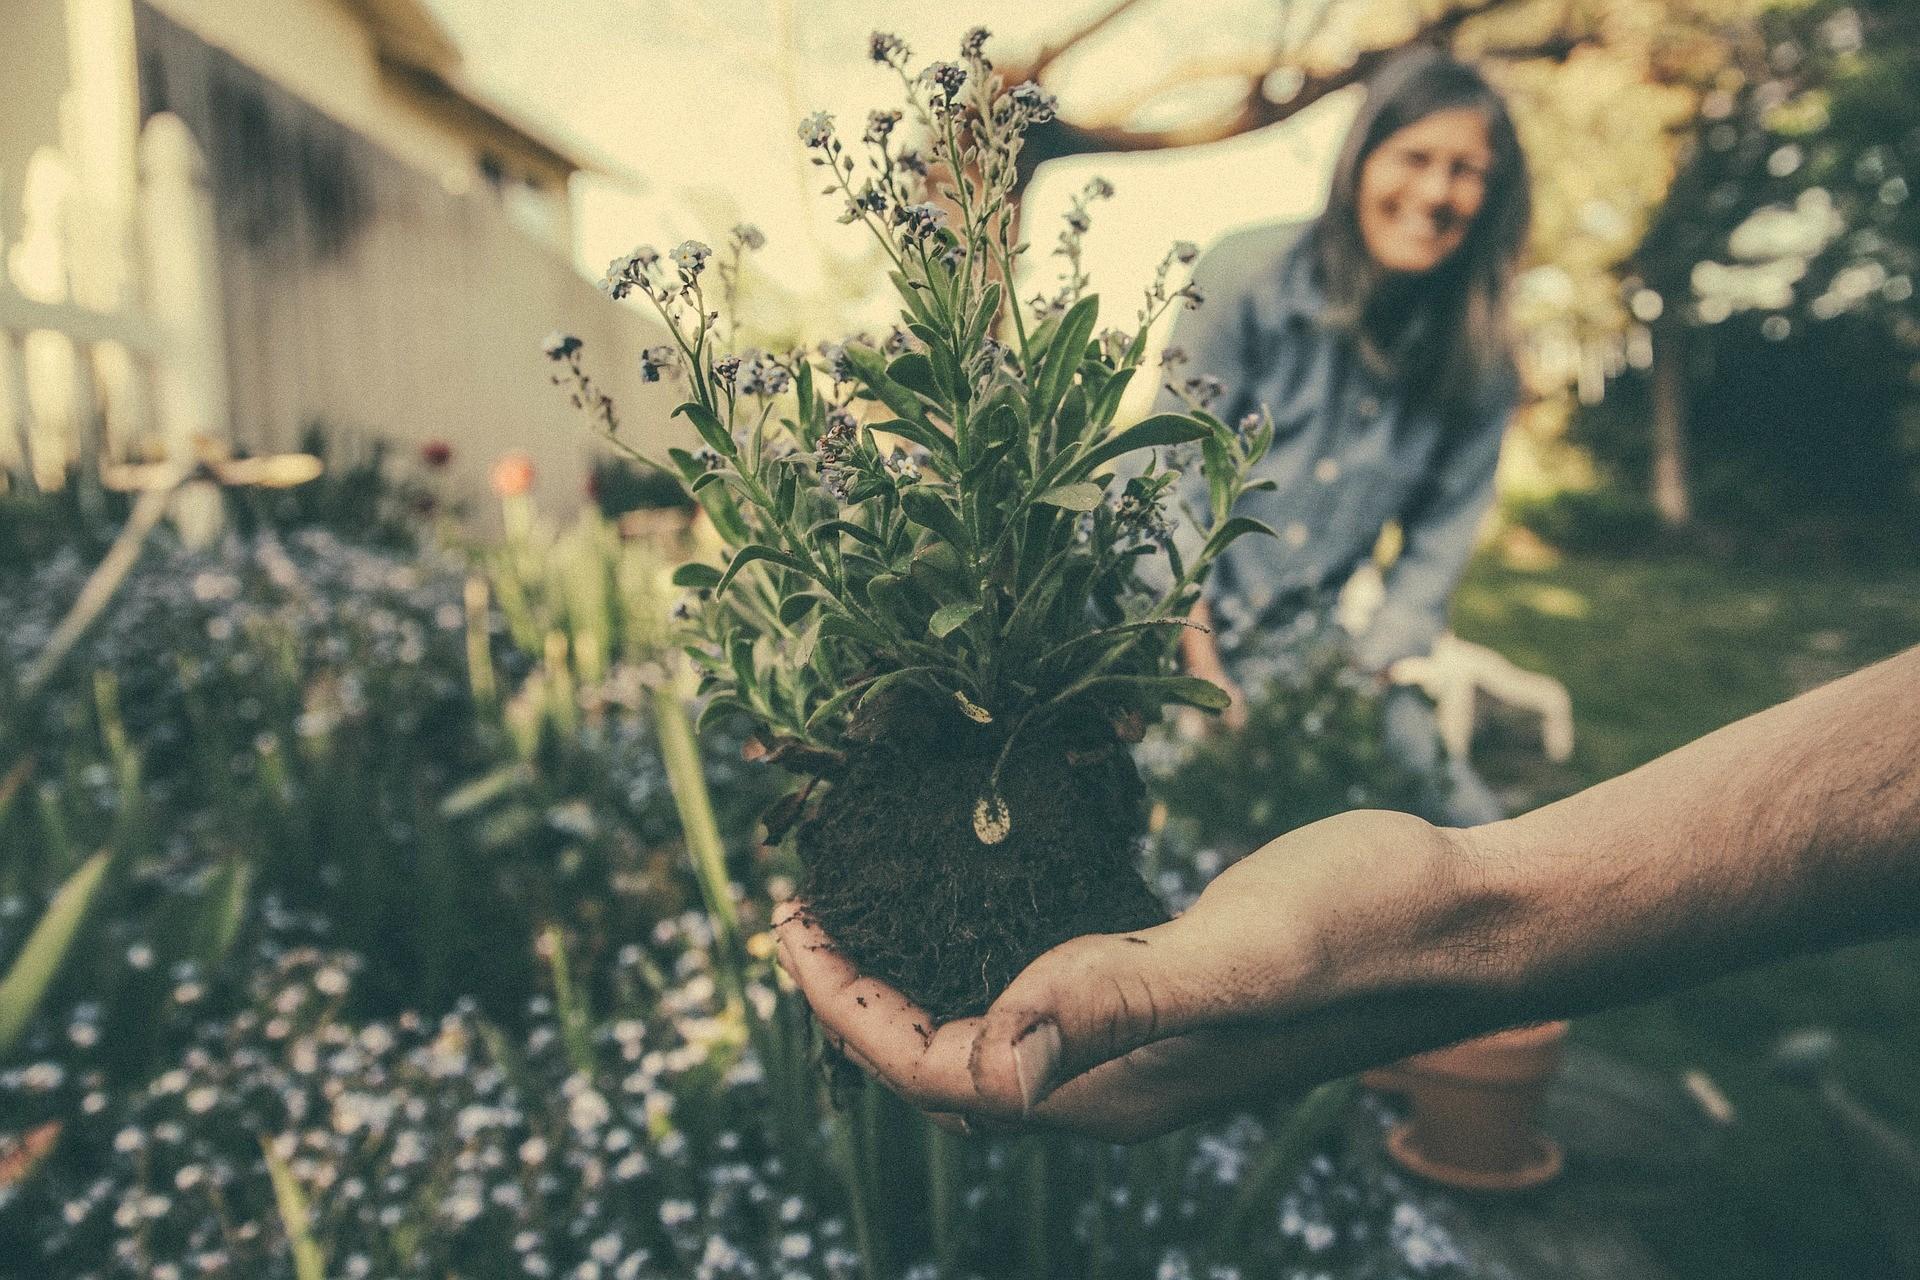 Vale revisar o desenvolvimento das plantas antes de realizar a prova do Enem (Foto: Pixabay)